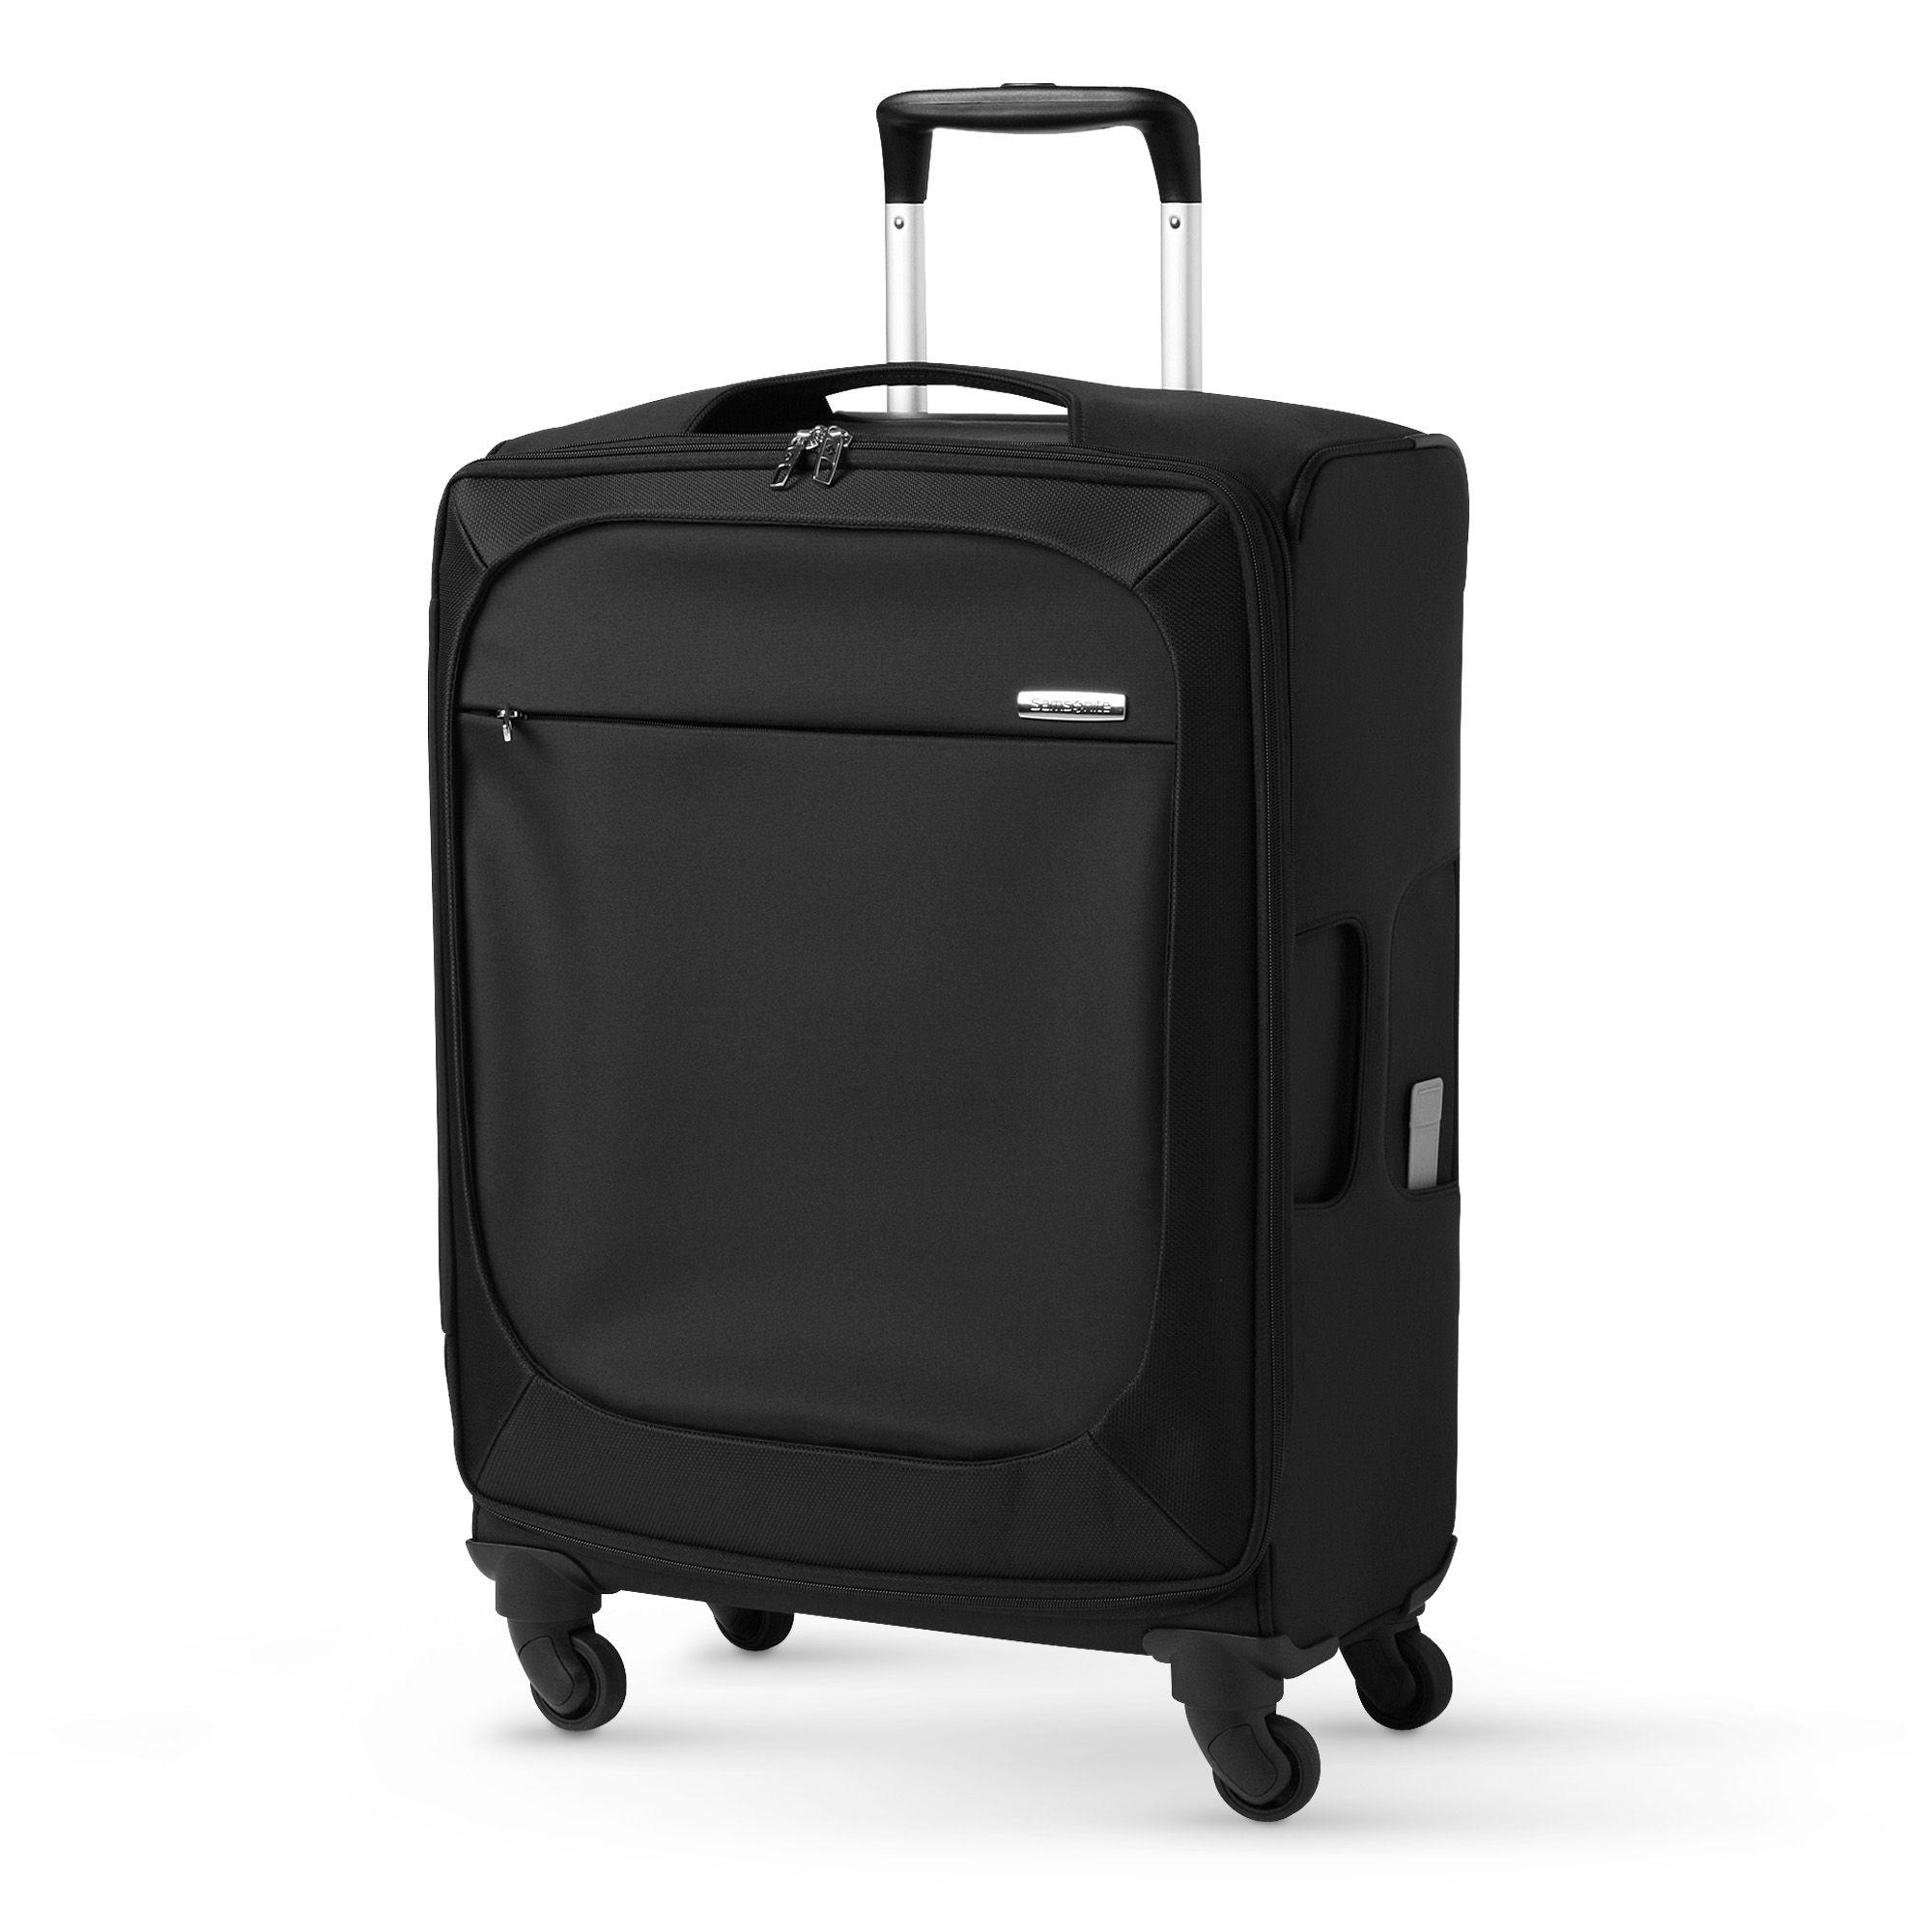 samsonite b lite 67 spinner suitcase in black for men lyst. Black Bedroom Furniture Sets. Home Design Ideas